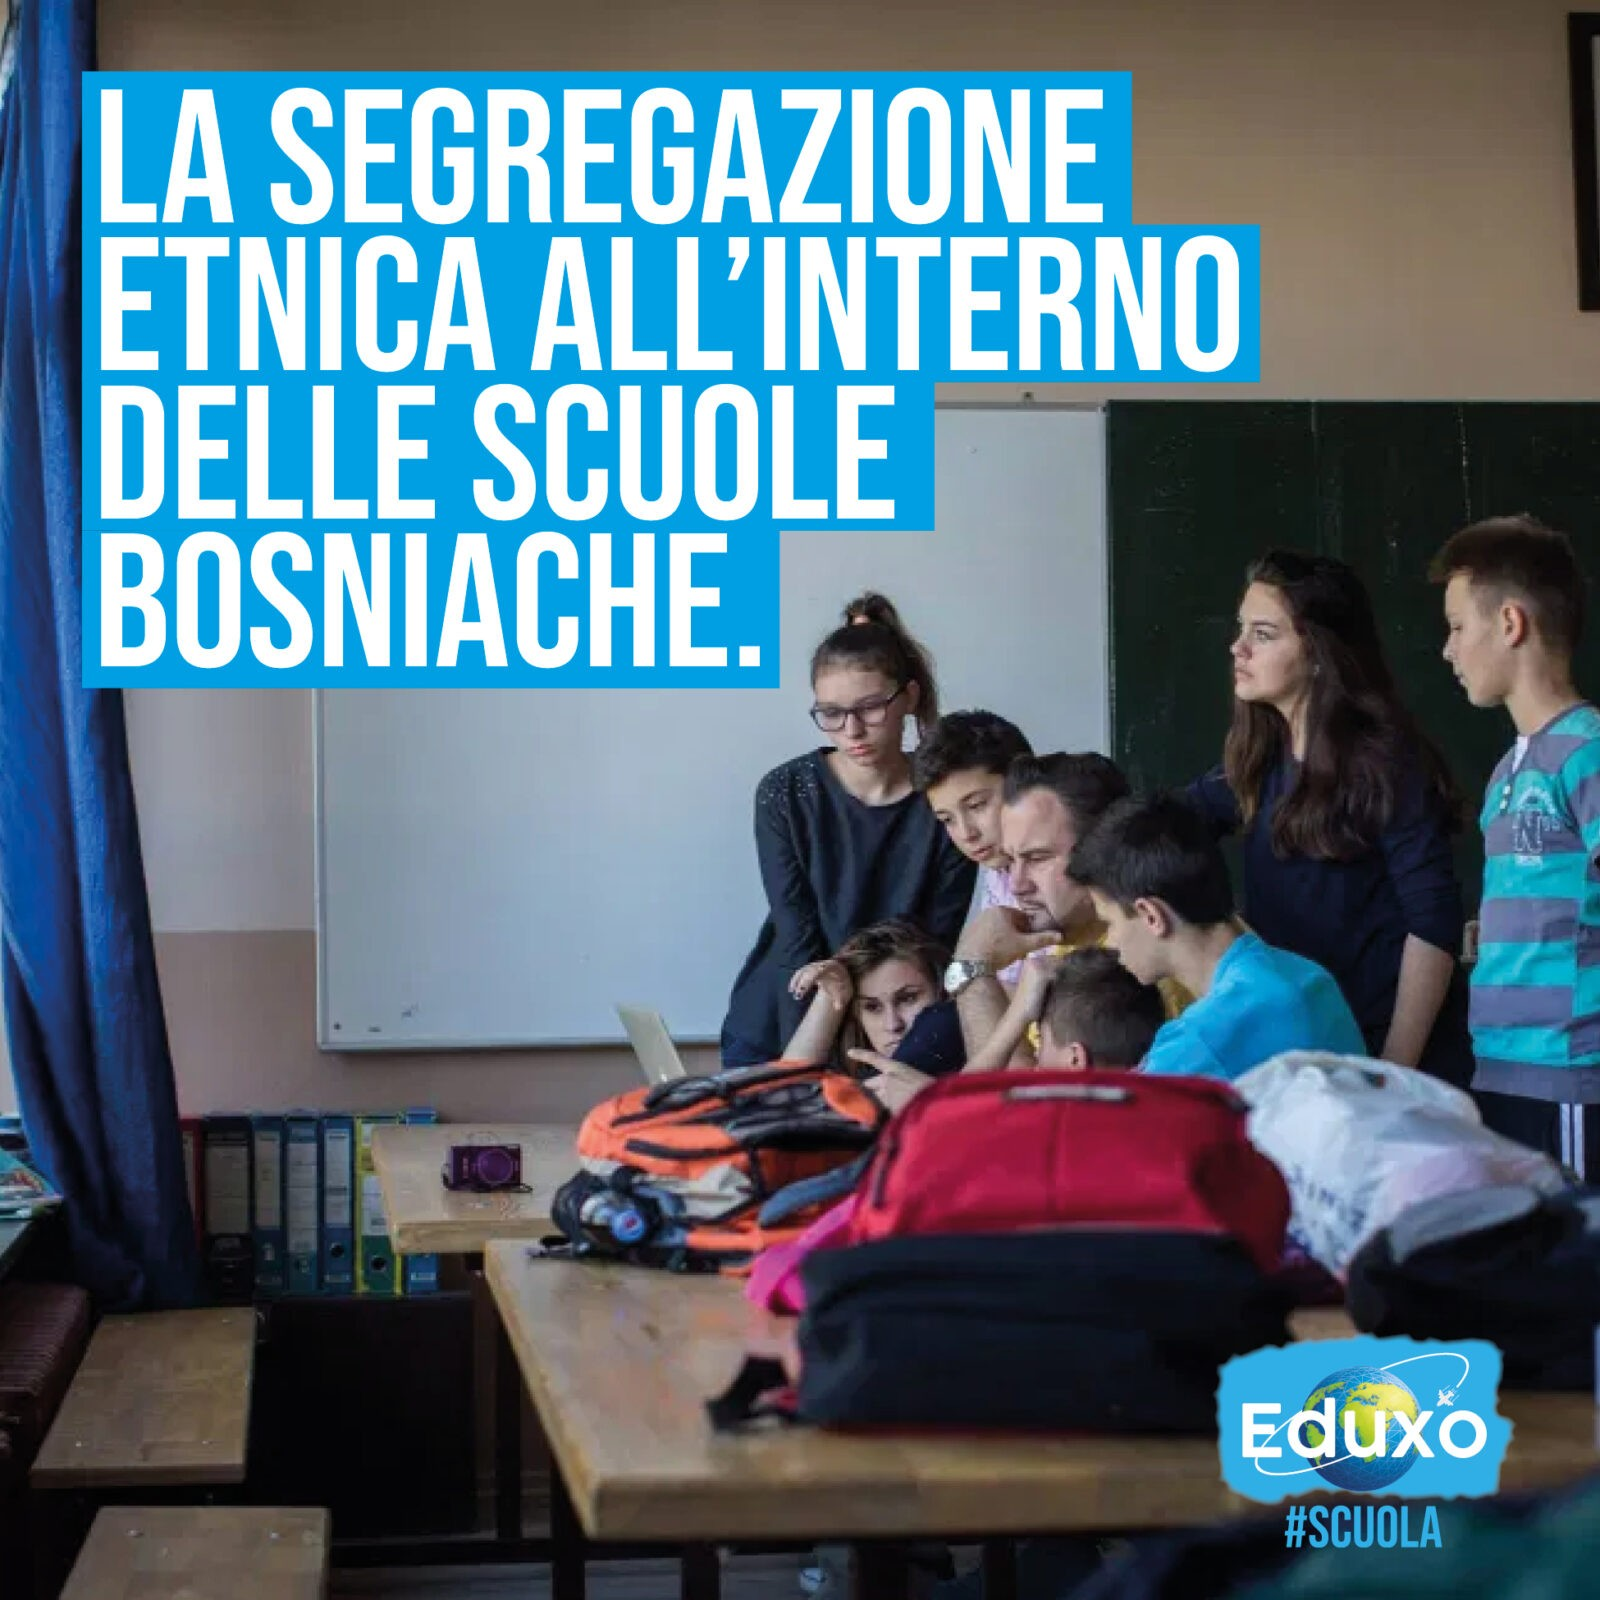 You are currently viewing Segregazione etnica all'interno delle scuole bosniache